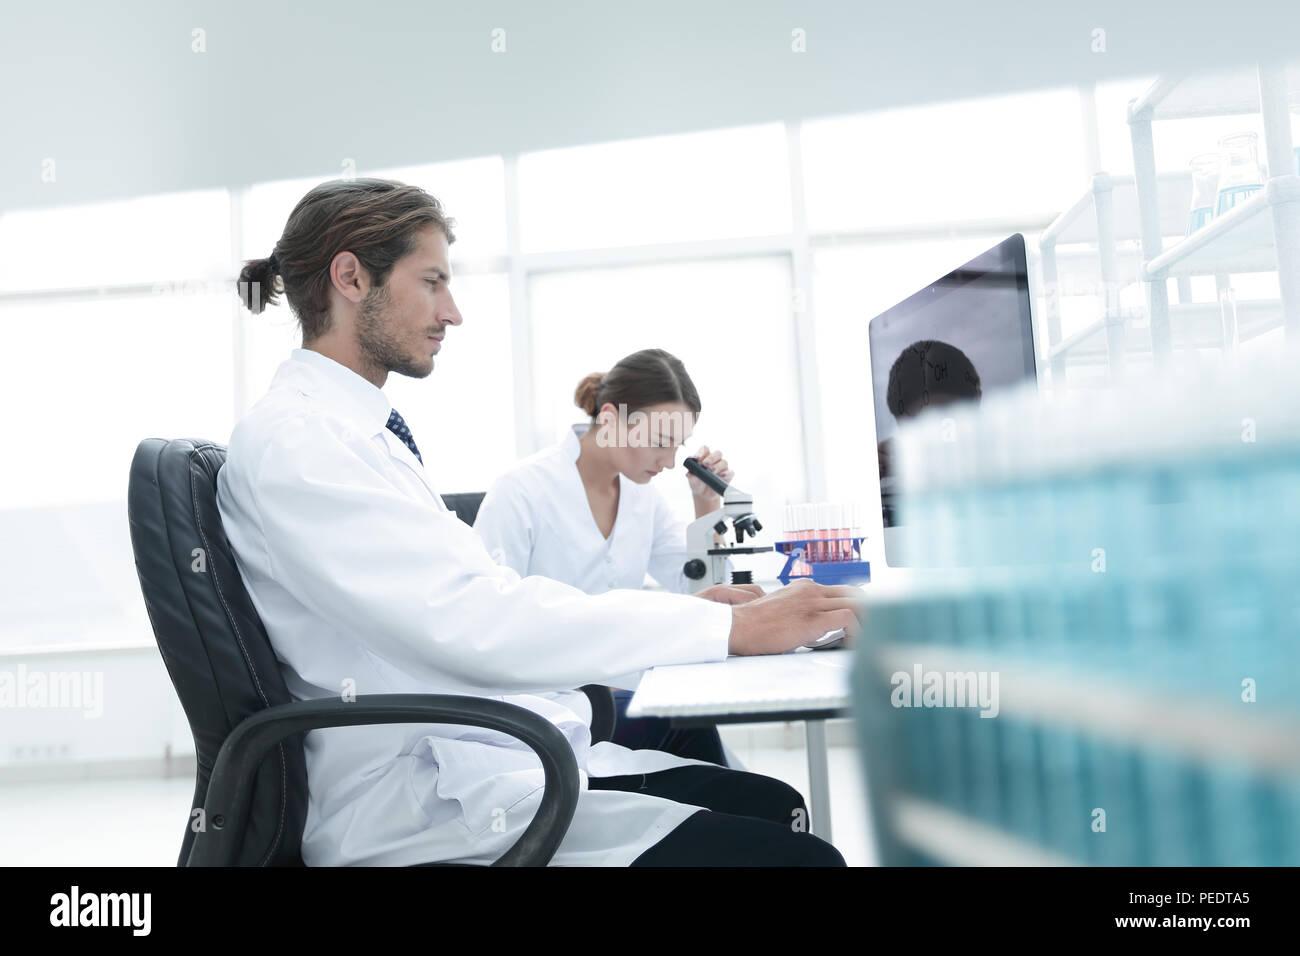 Wissenschaftler betrachten Probe während sein Assistent hilft ihm Stockbild